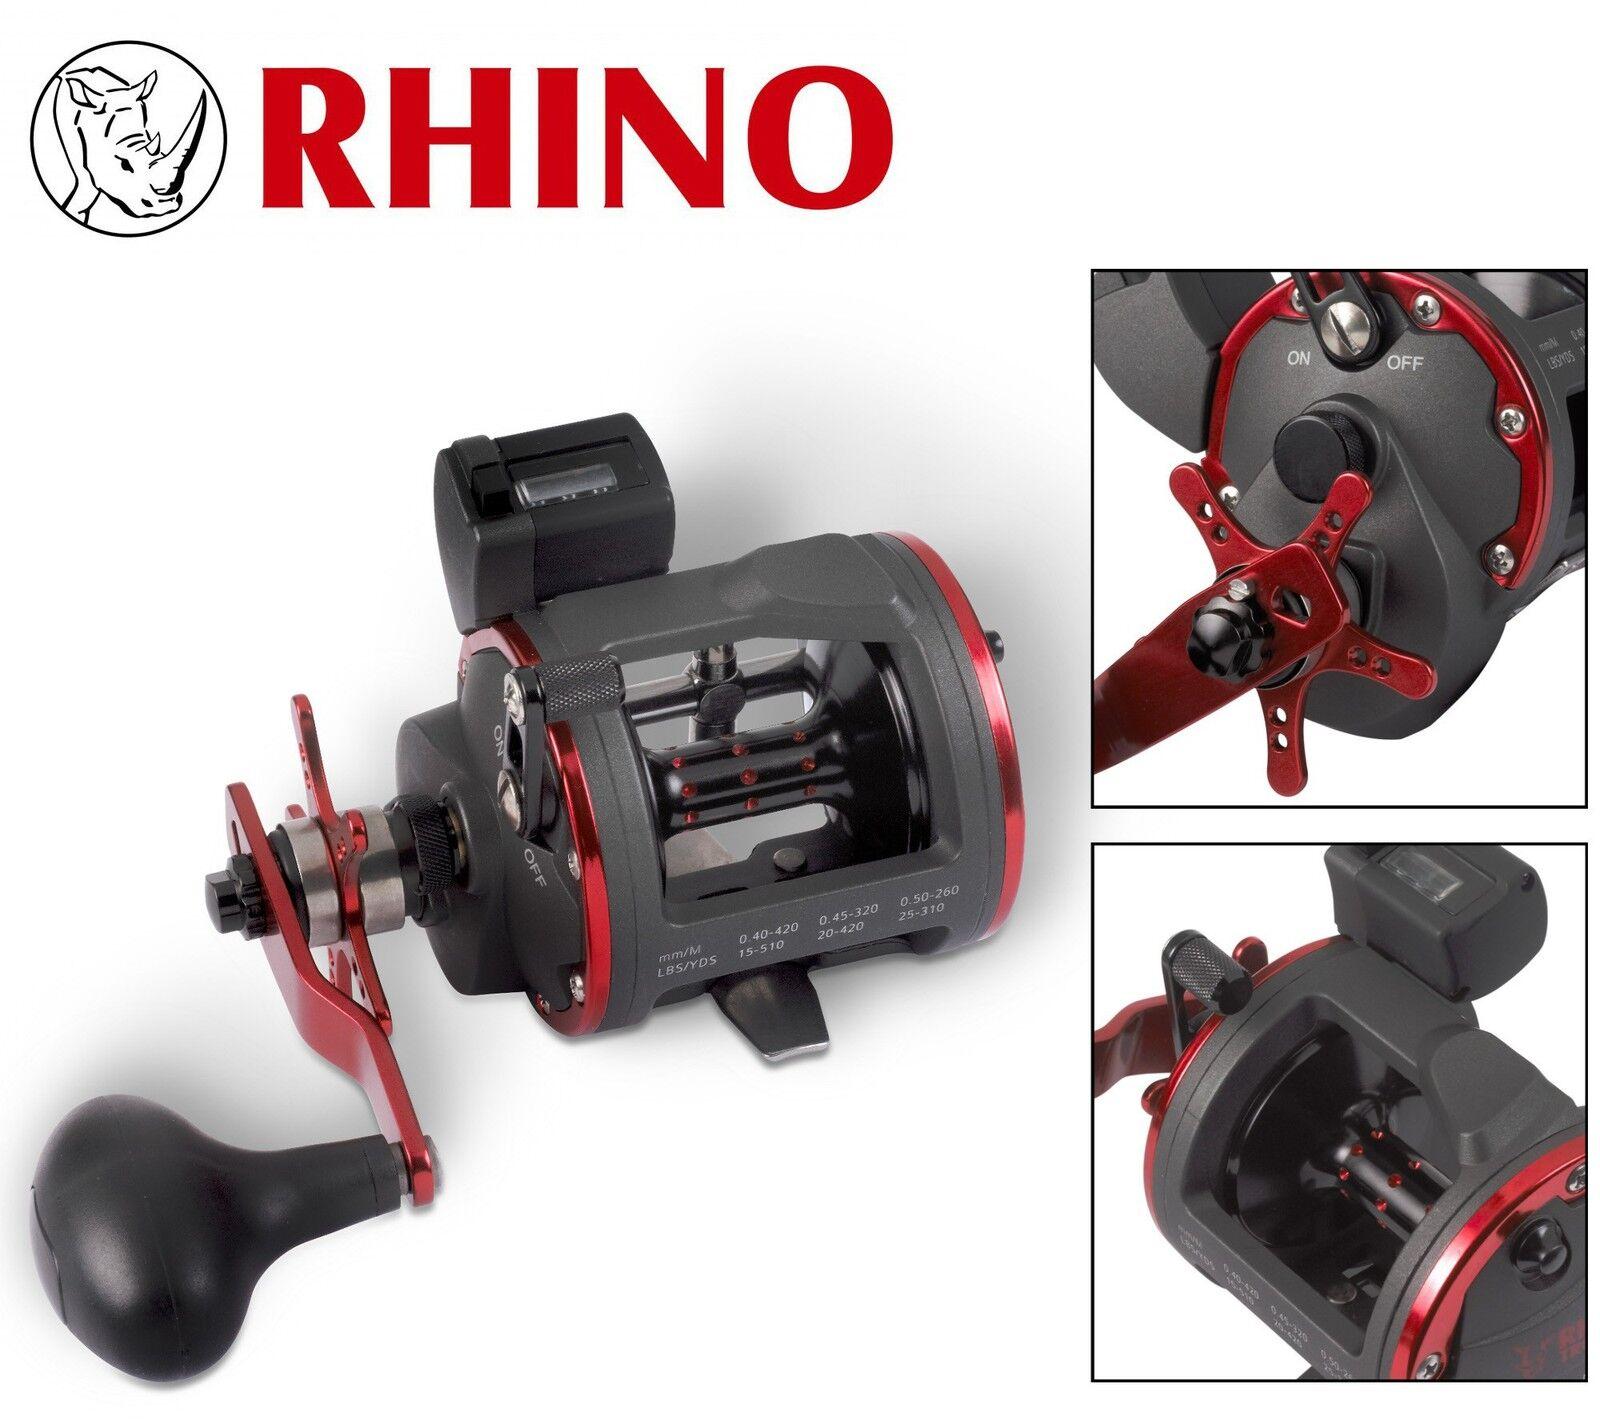 Rhino Trolling 430 LH Rolle Trolling Multirolle, Angelrolle zum Schleppfischen